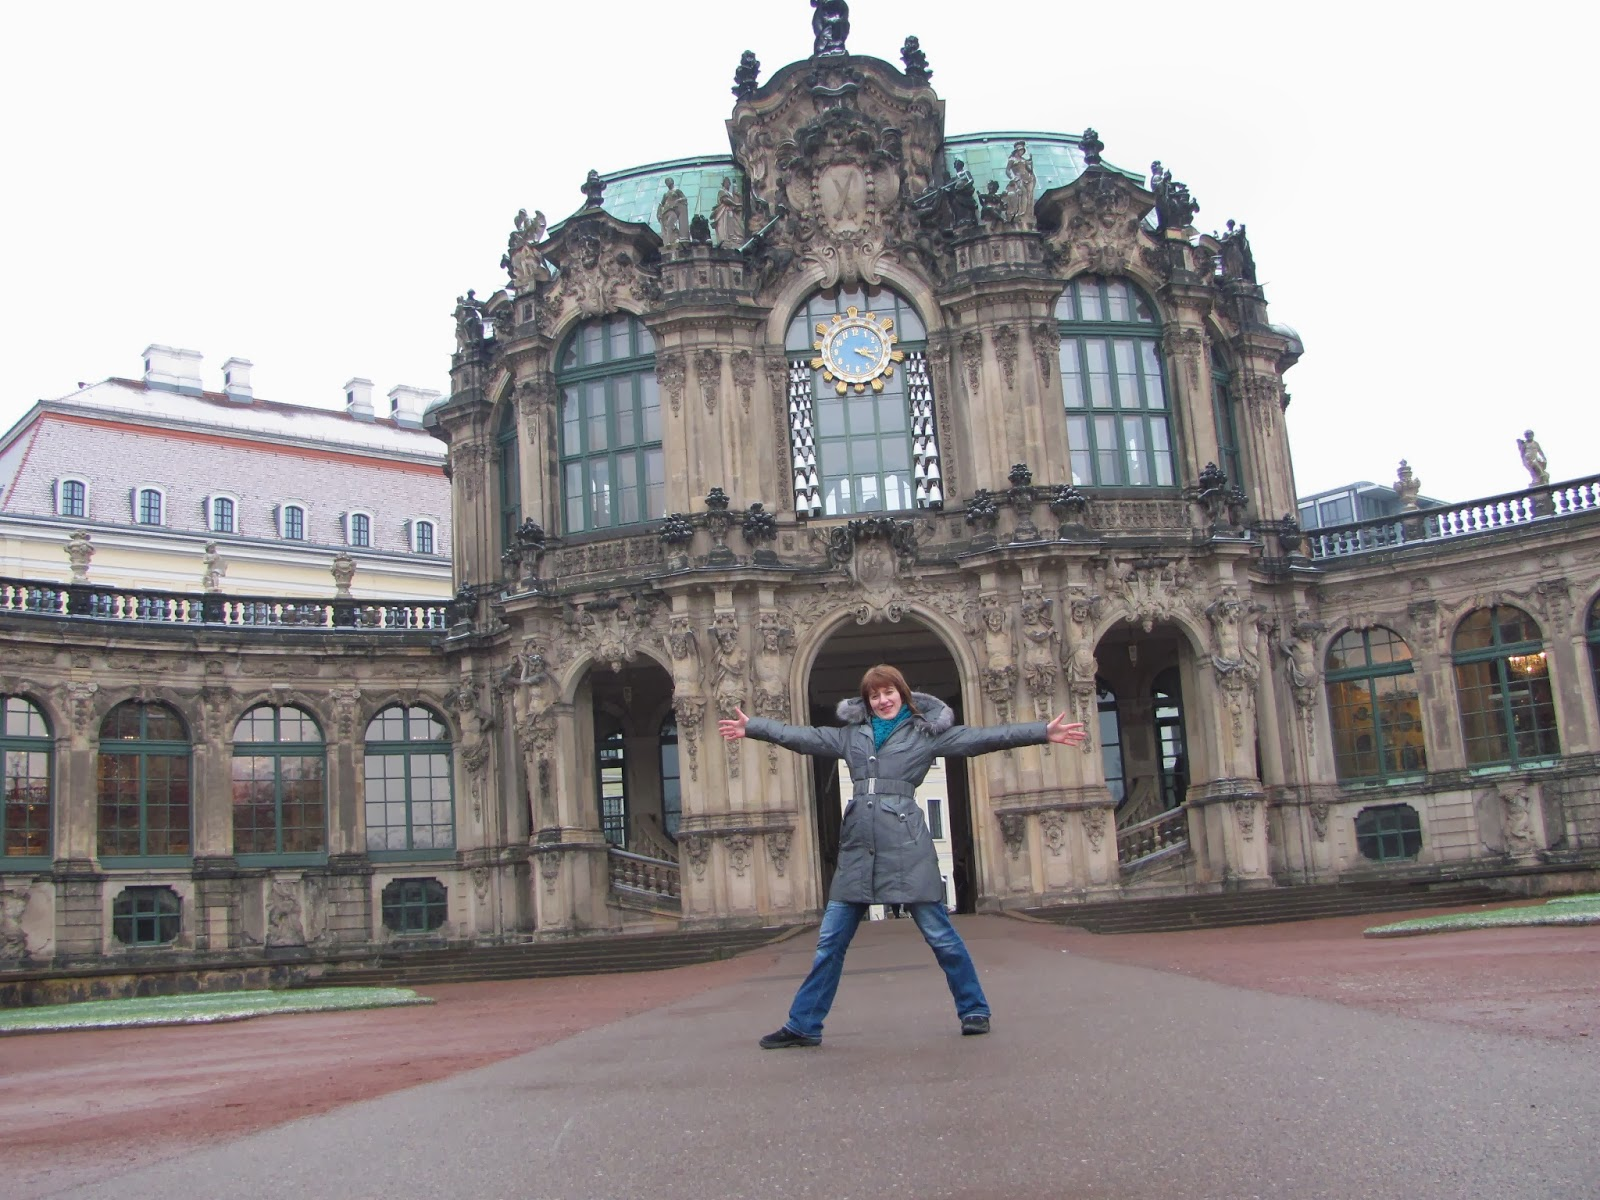 Дрезден, Эльба, путешествия, цвингер